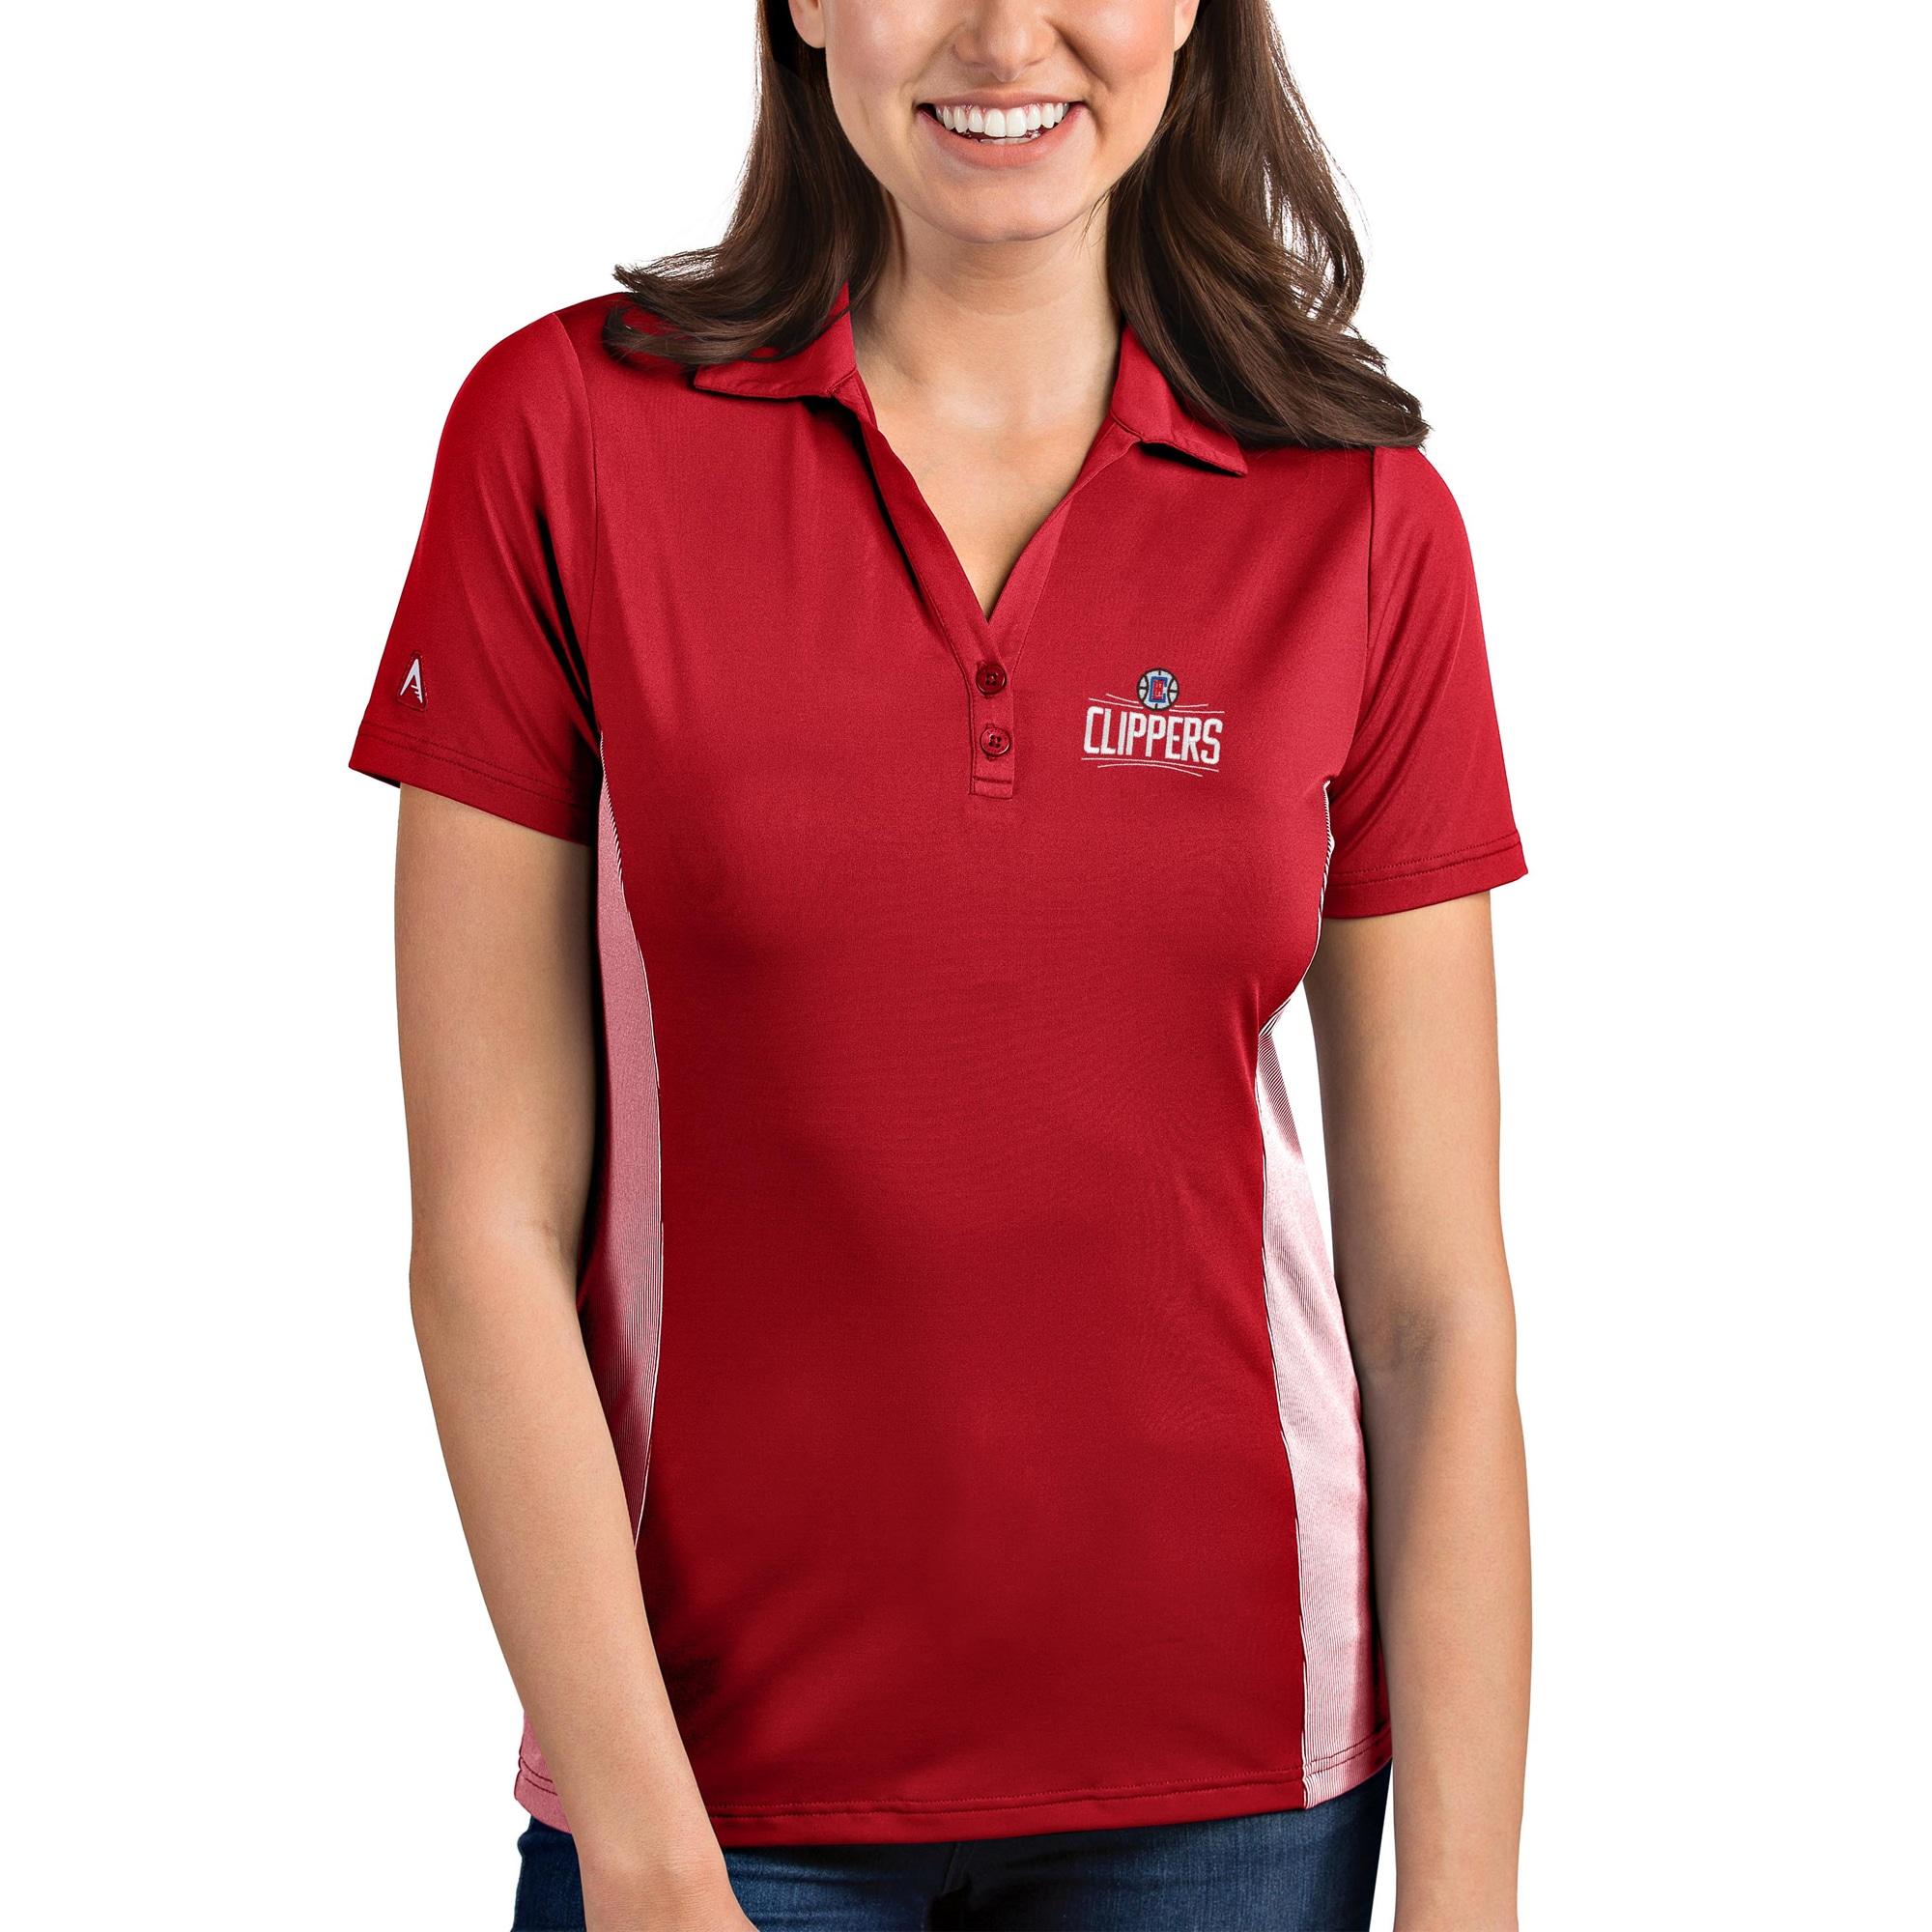 LA Clippers Antigua Women's Venture Polo - Red/White